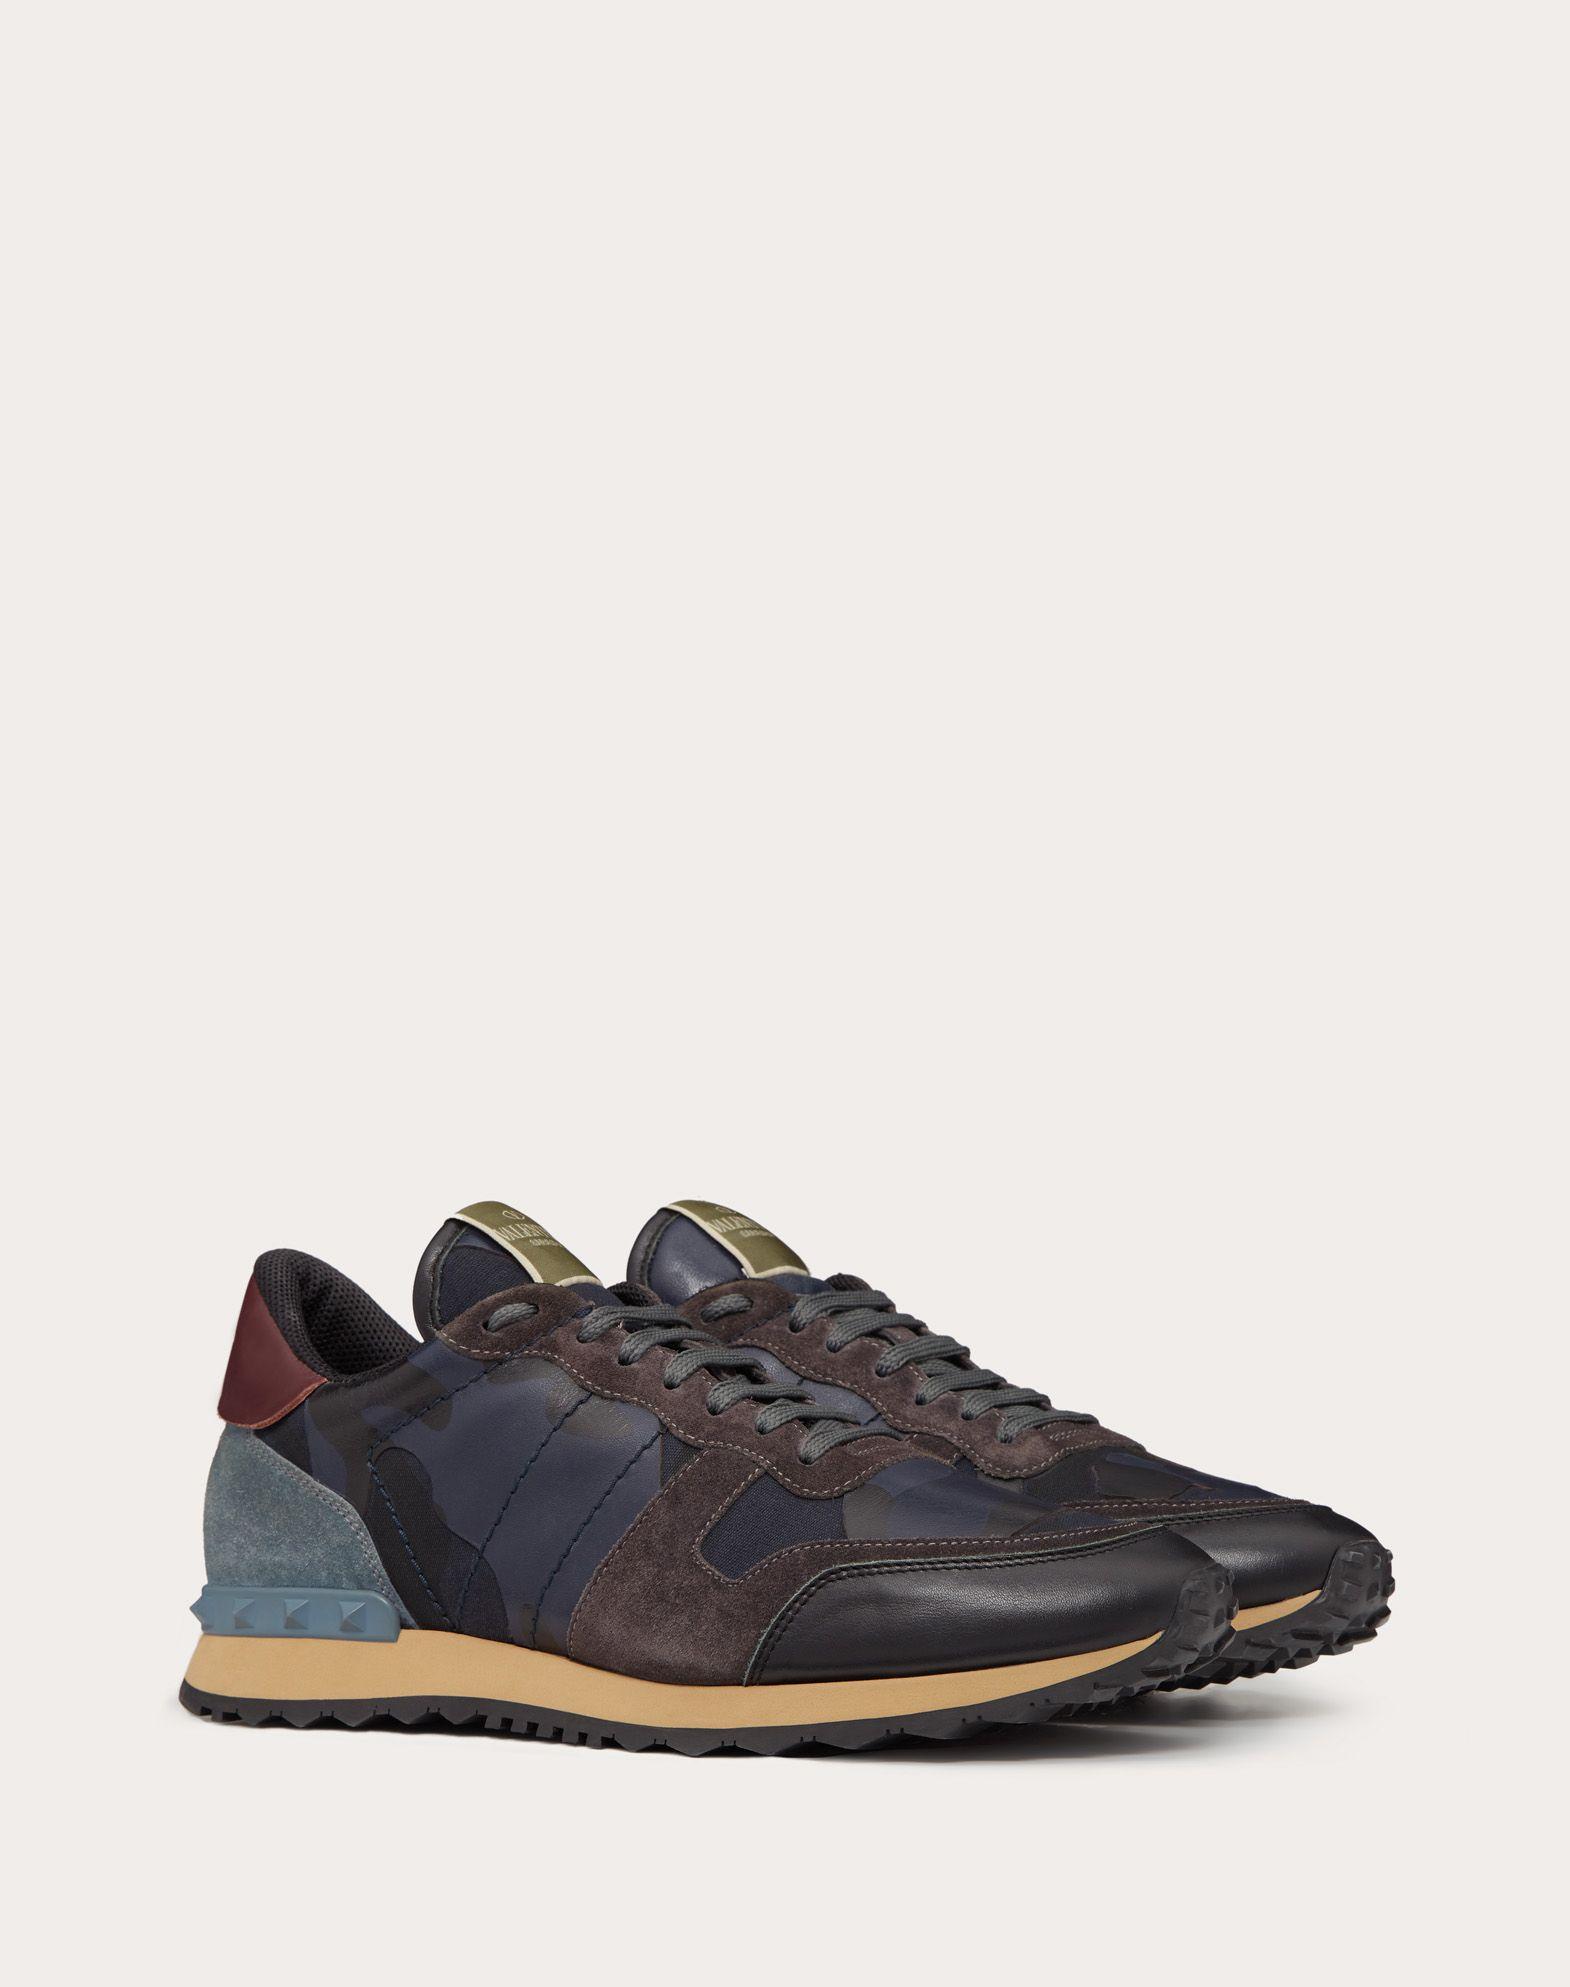 VALENTINO GARAVANI UOMO Camouflage Rockrunner Sneaker LOW-TOP SNEAKERS U r